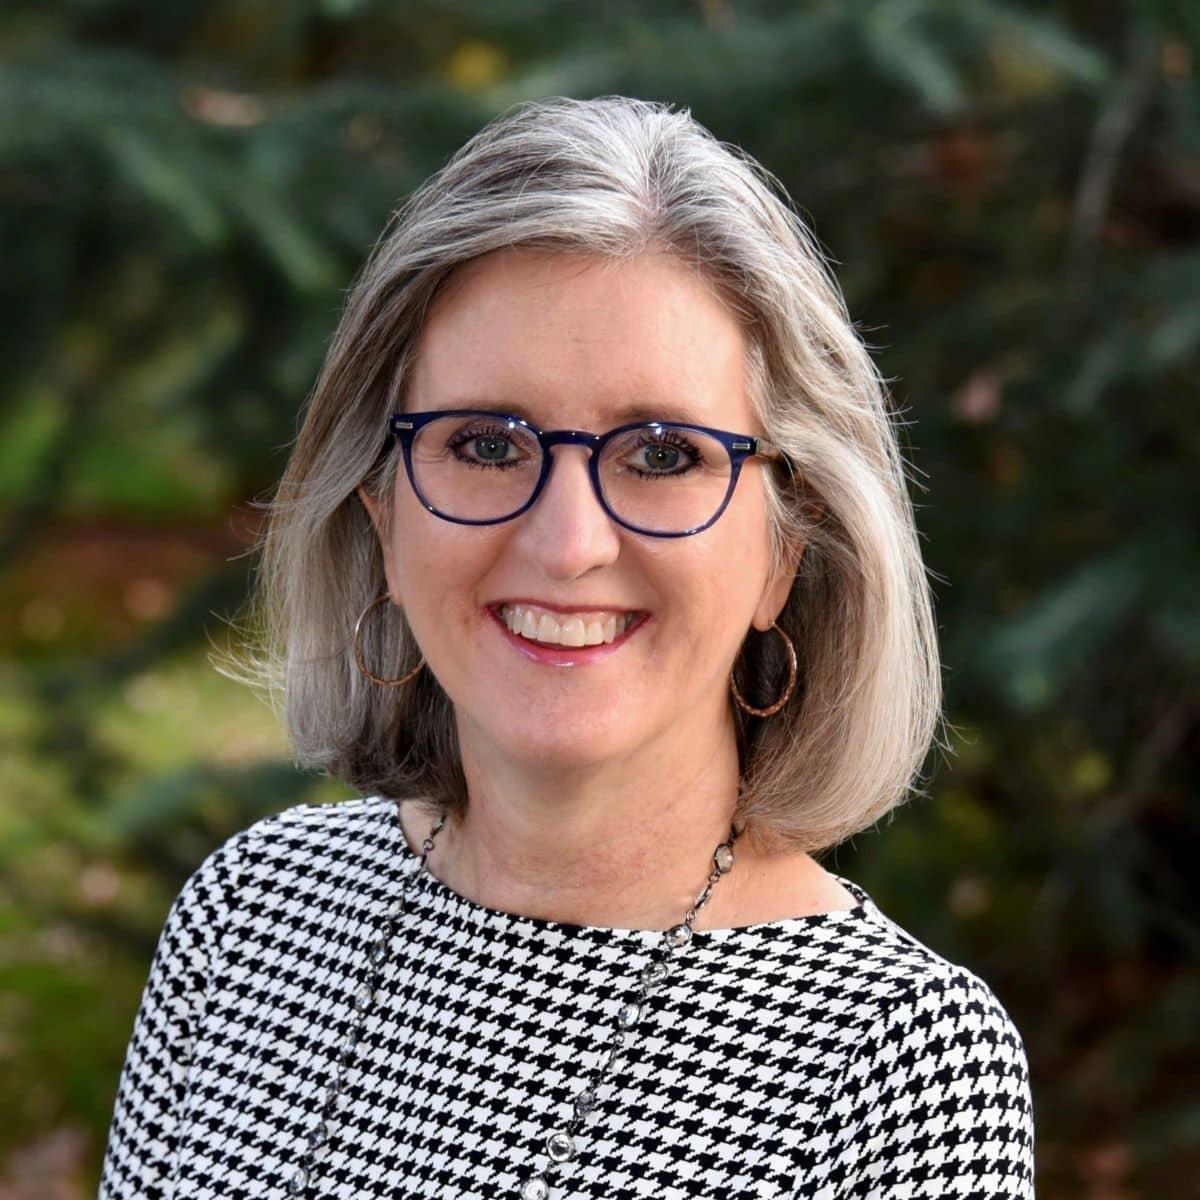 Jill Fant